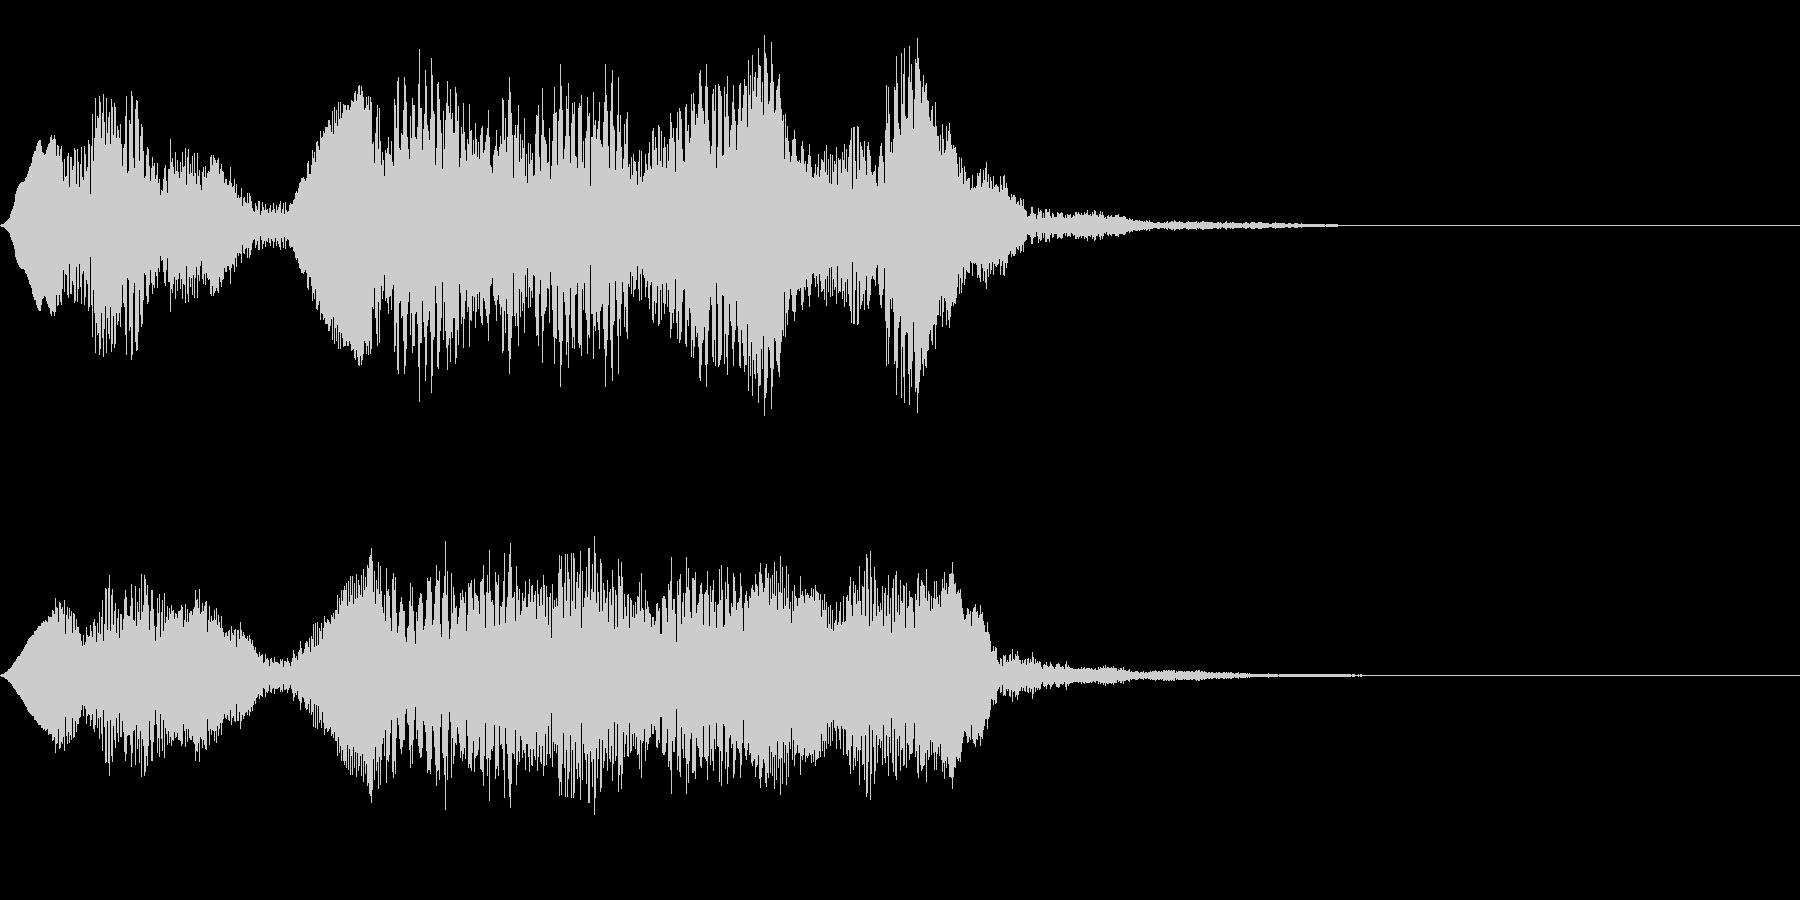 フルートの明るいジングル・場面転換1の未再生の波形